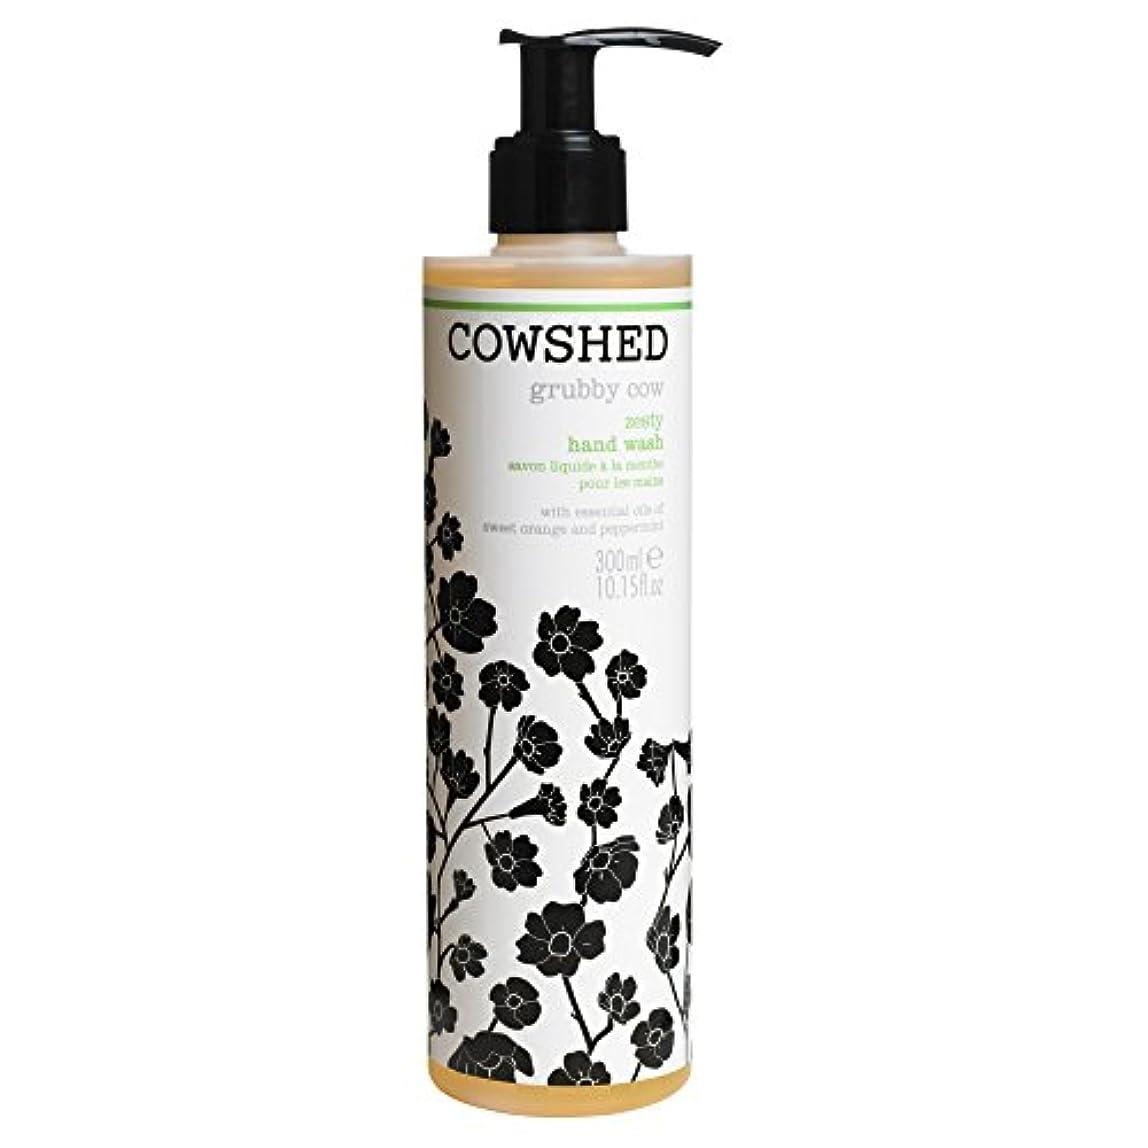 俳優マディソン論理的に牛舎汚い牛ピリッハンドウォッシュ300ミリリットル (Cowshed) (x2) - Cowshed Grubby Cow Zesty Hand Wash 300ml (Pack of 2) [並行輸入品]